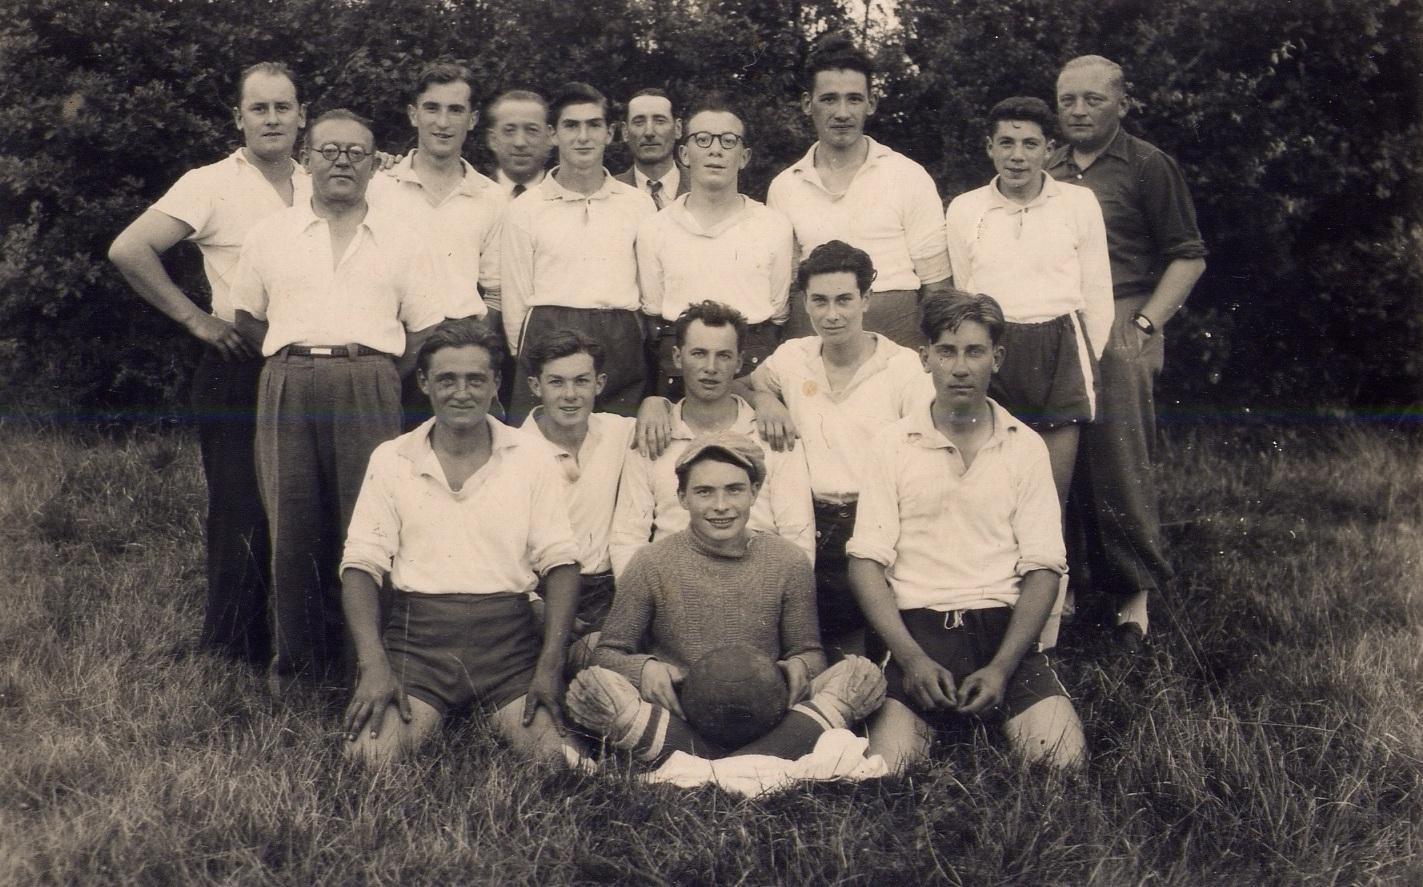 1ère équipe du club en 1948